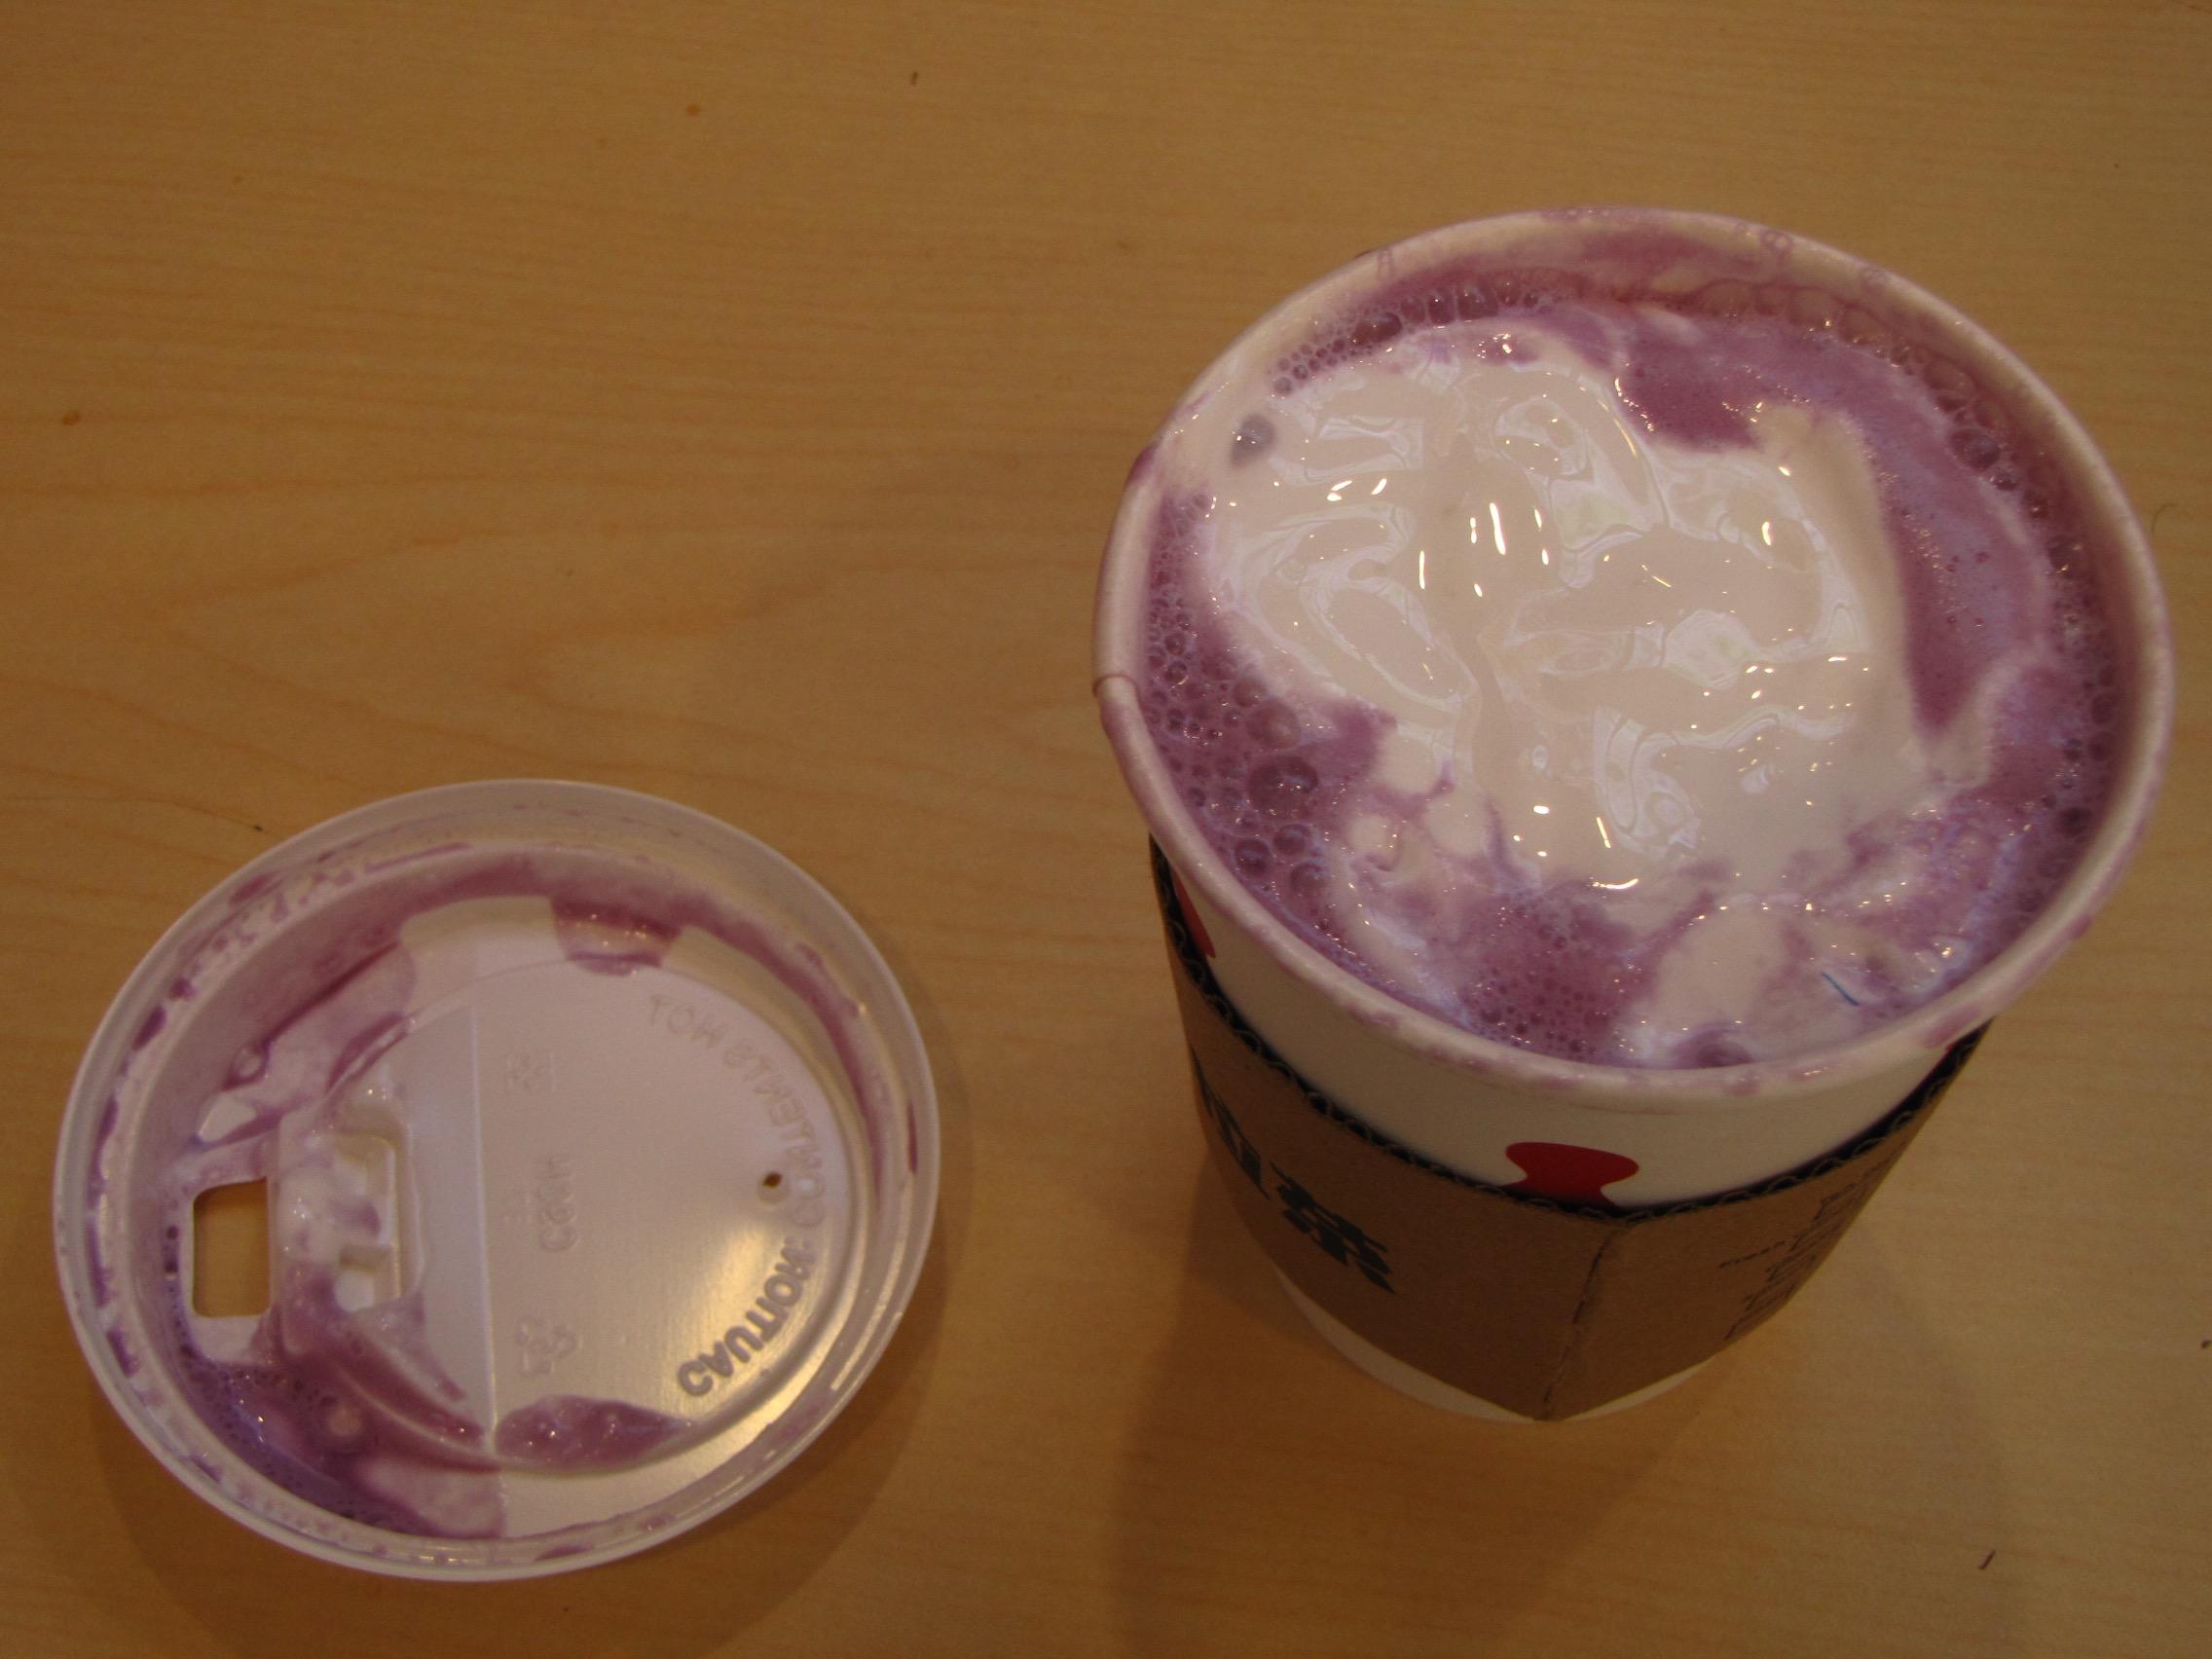 Cum pudding